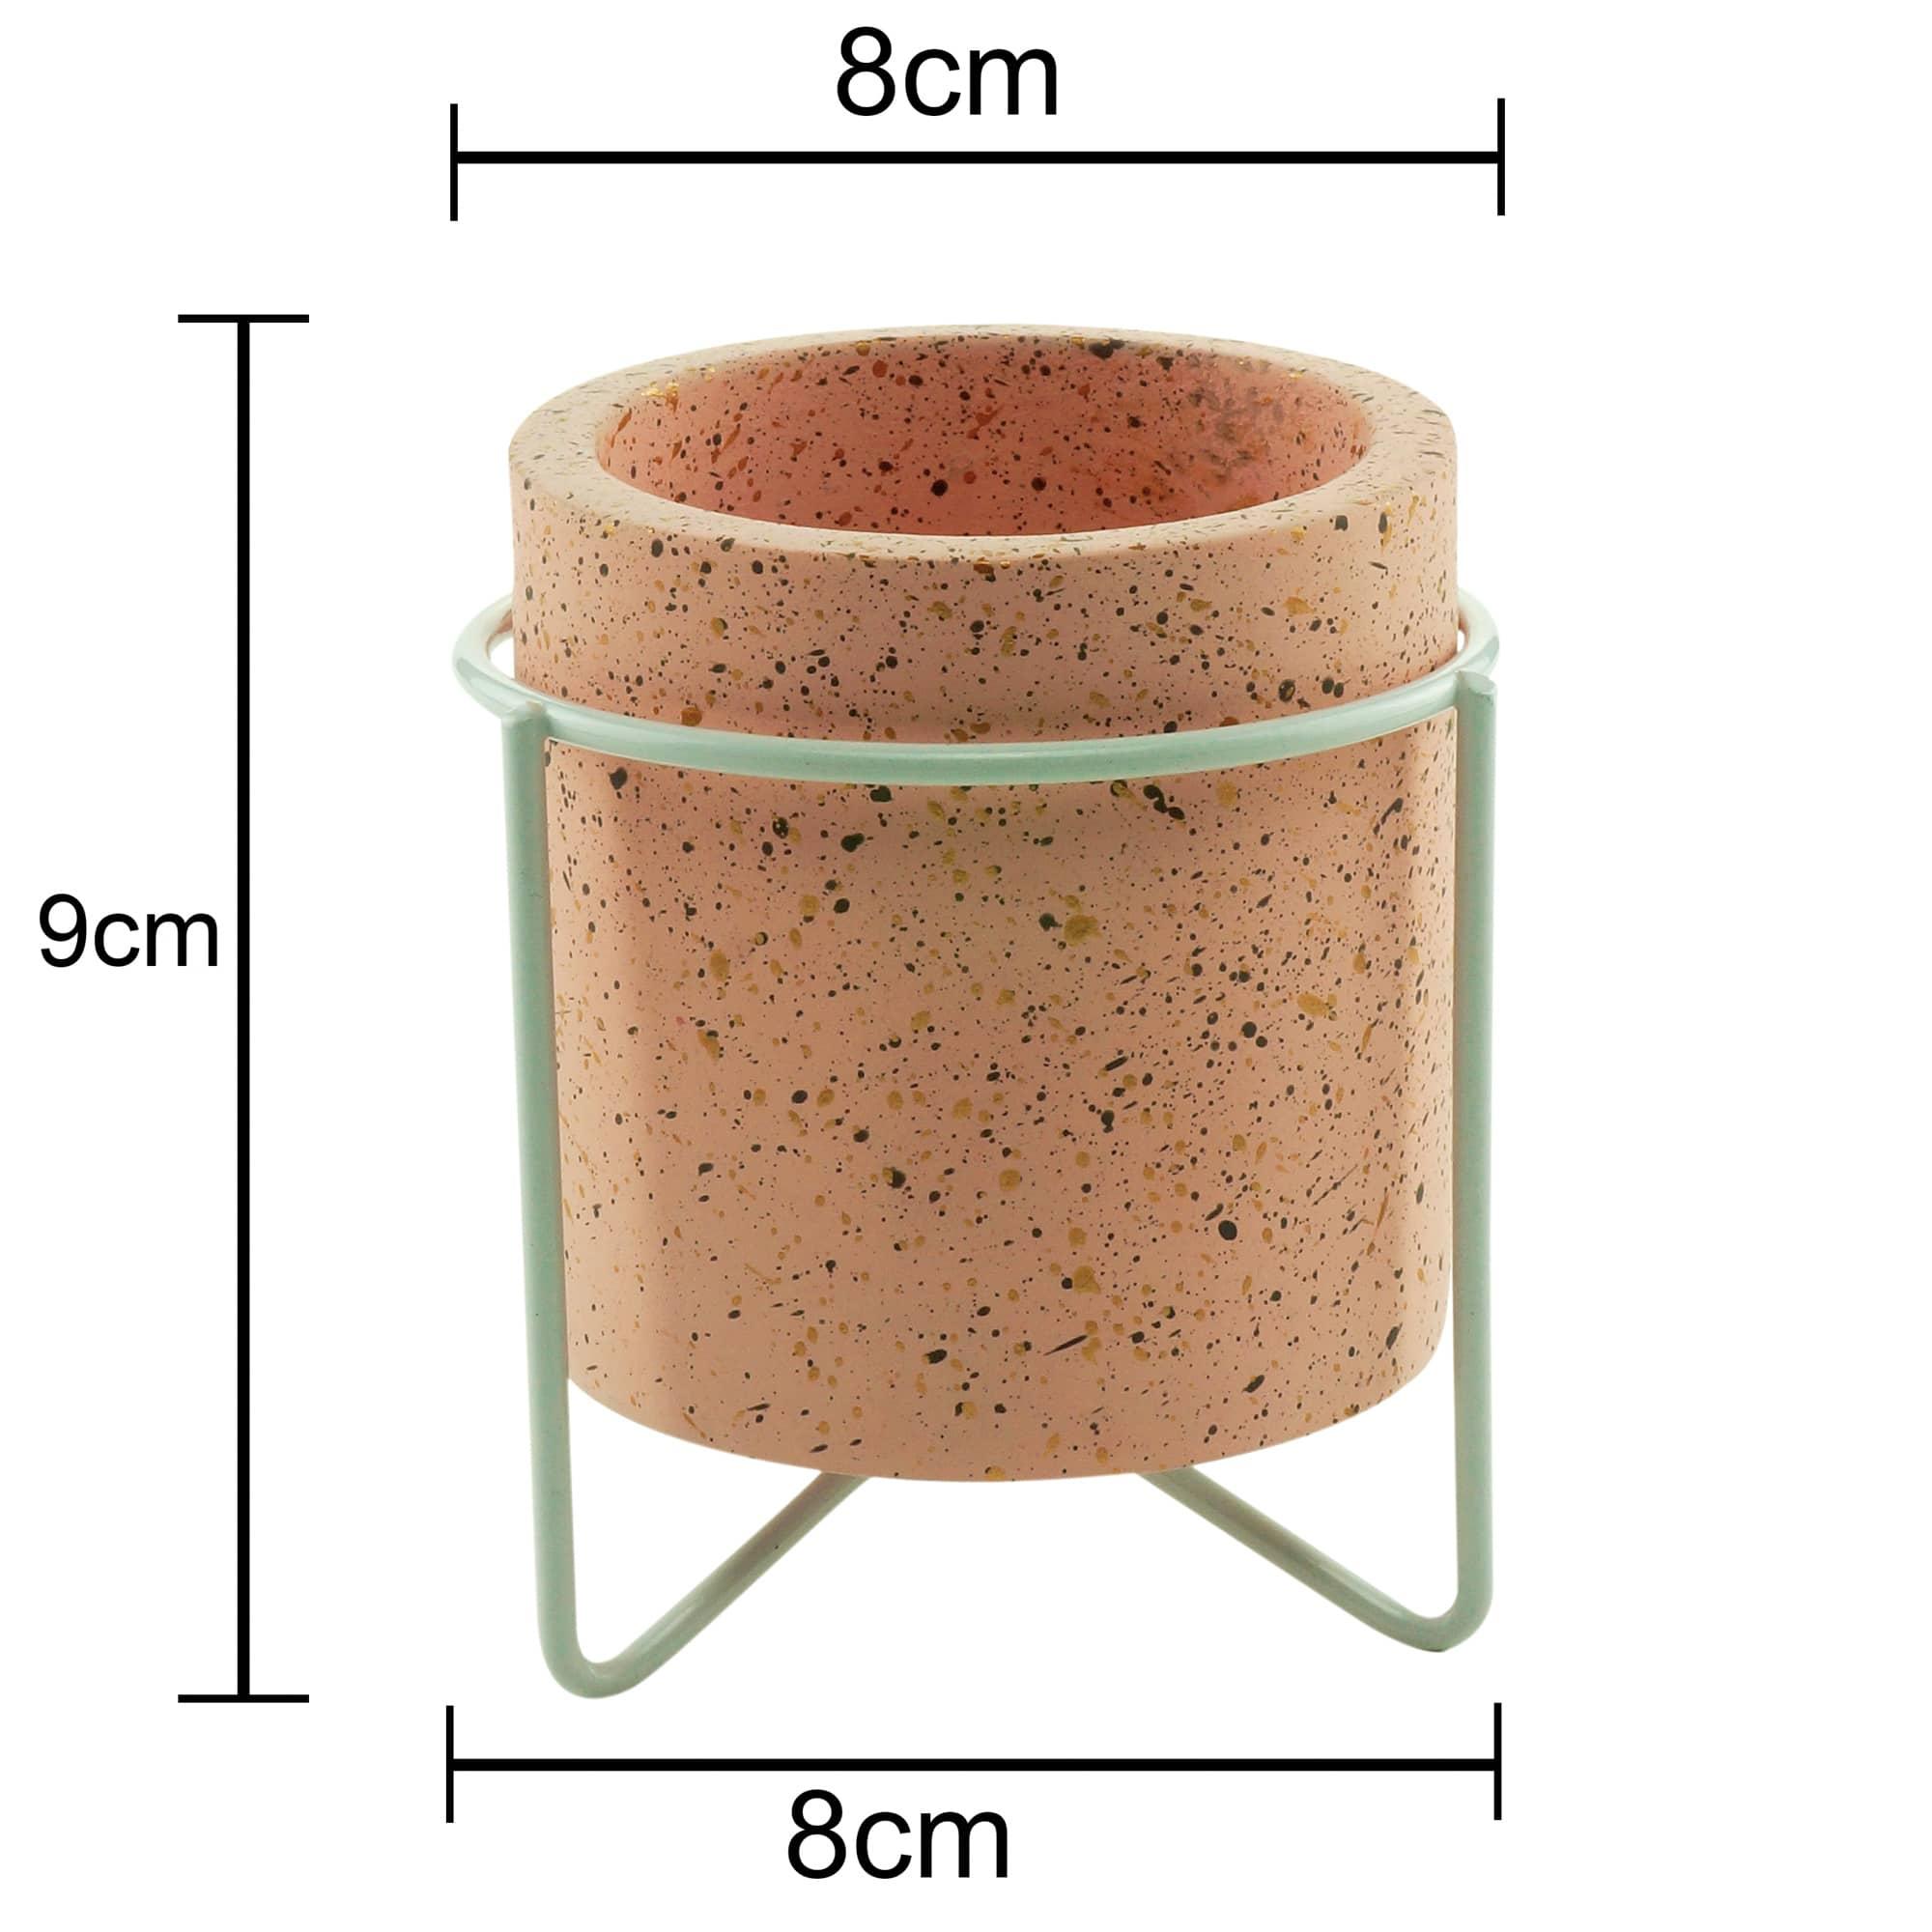 Mini Cachepot Concreto Granilite Metal Stand Rosa 8 x 8 x 9 cm